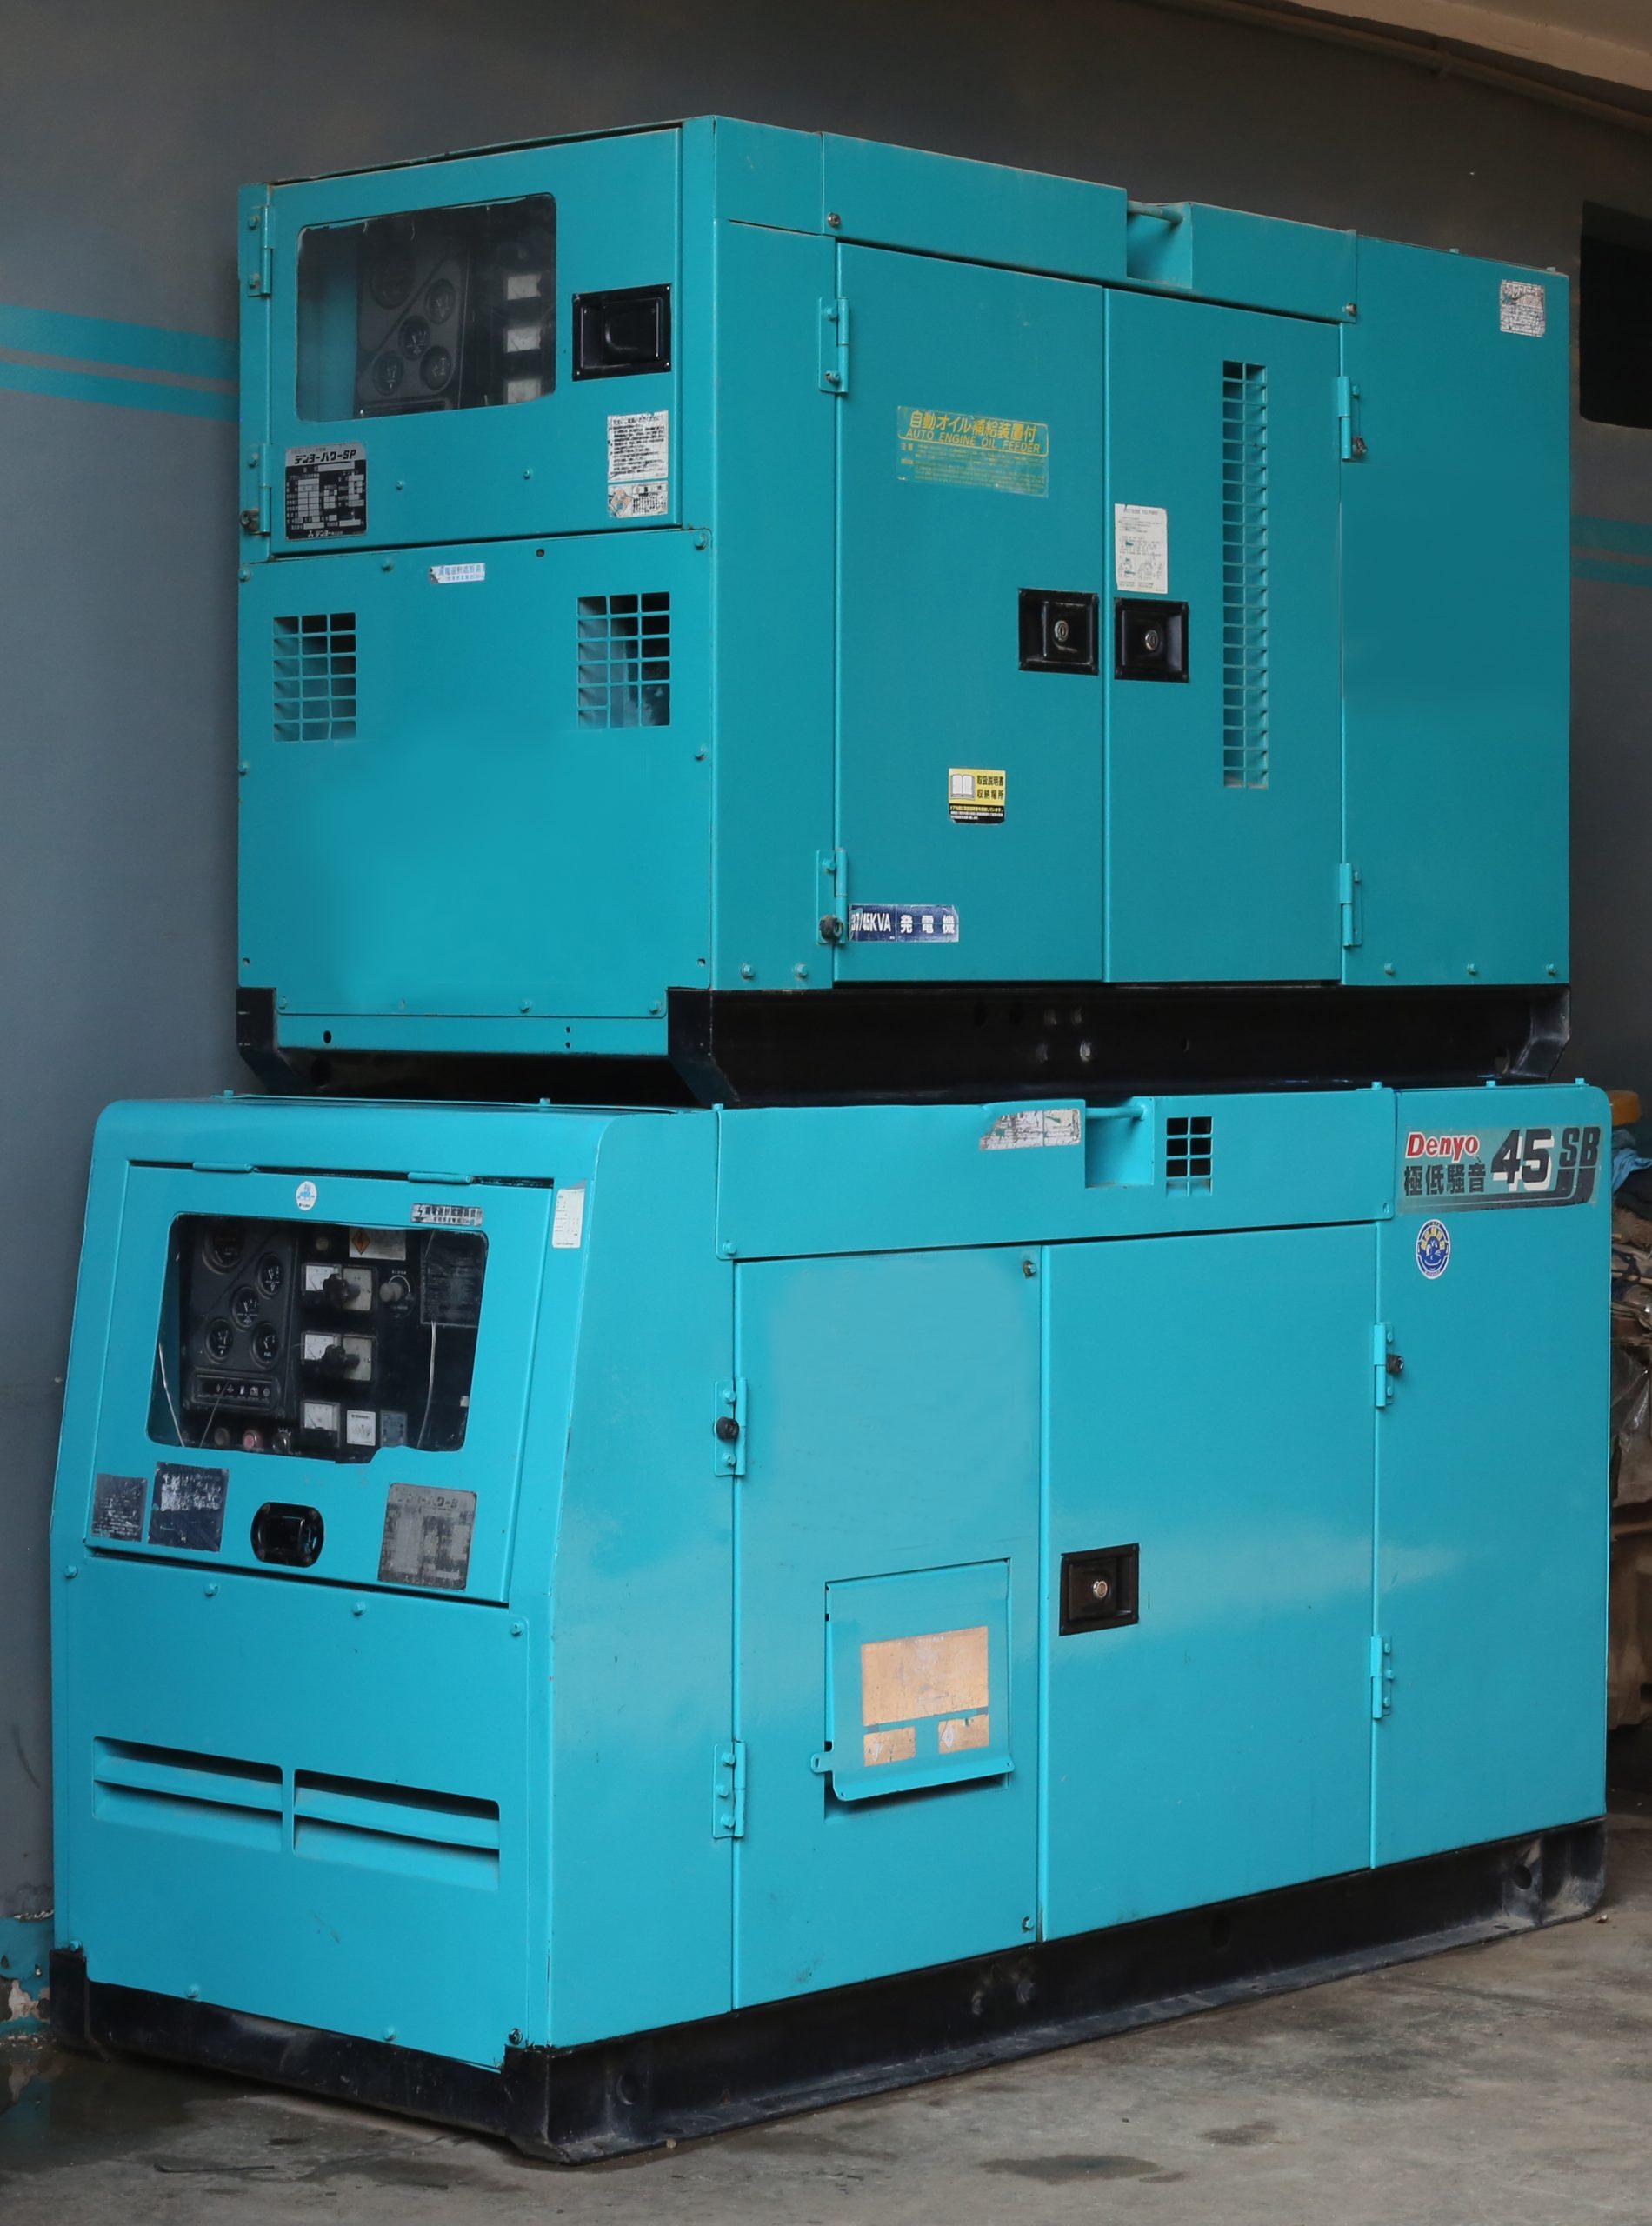 Low capacity generators